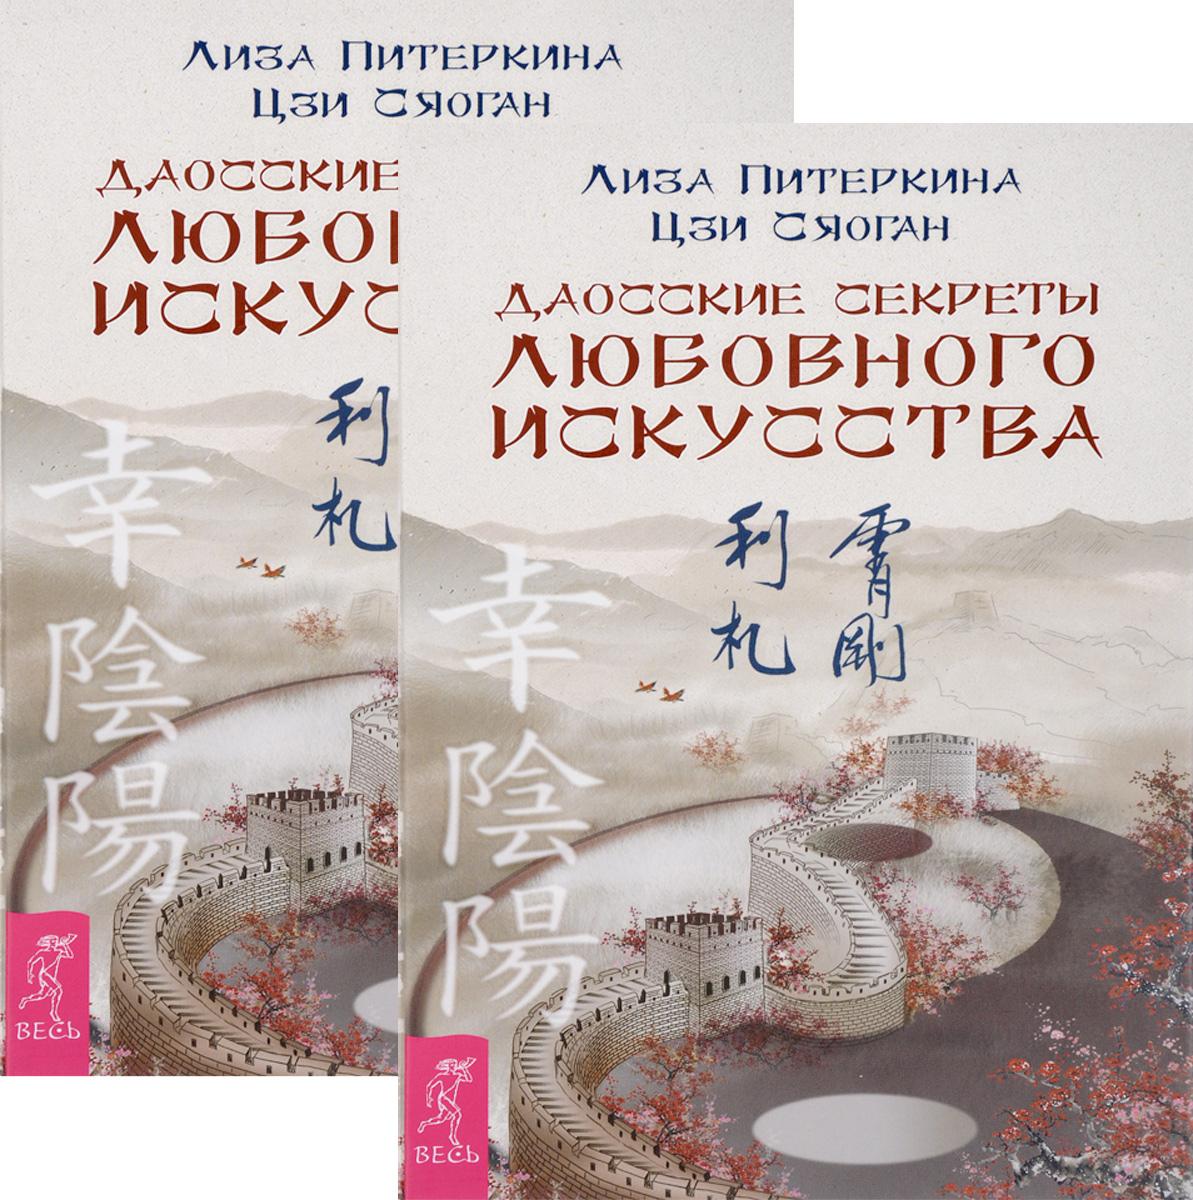 Даосские секреты любовного искусства (комплект из 2 книг)